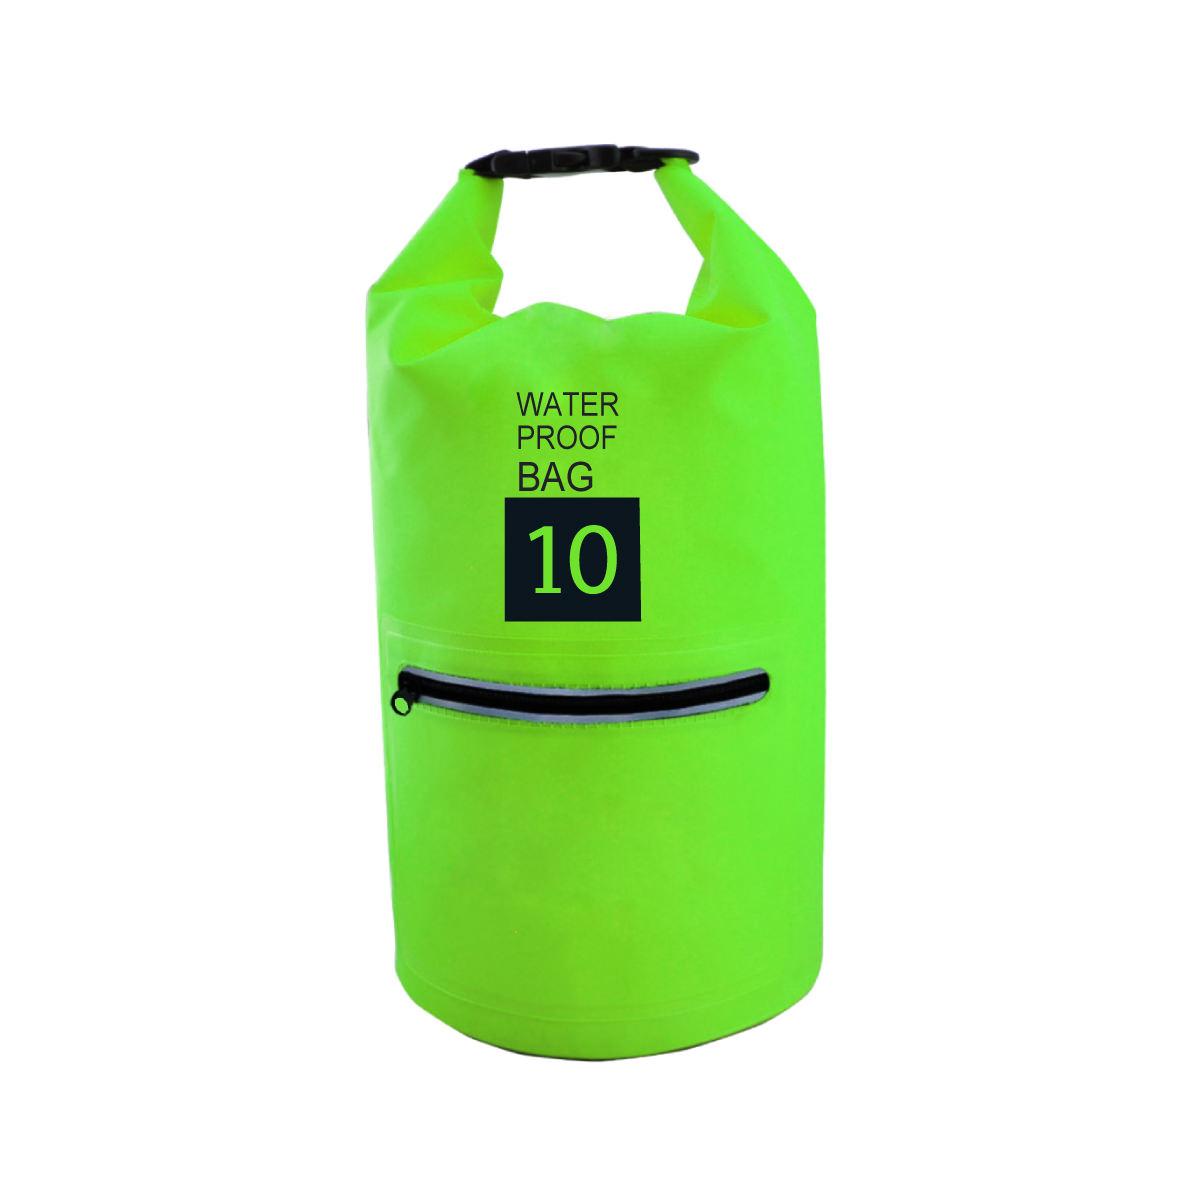 תיק אטום למים - ספורטי 10 ליטר